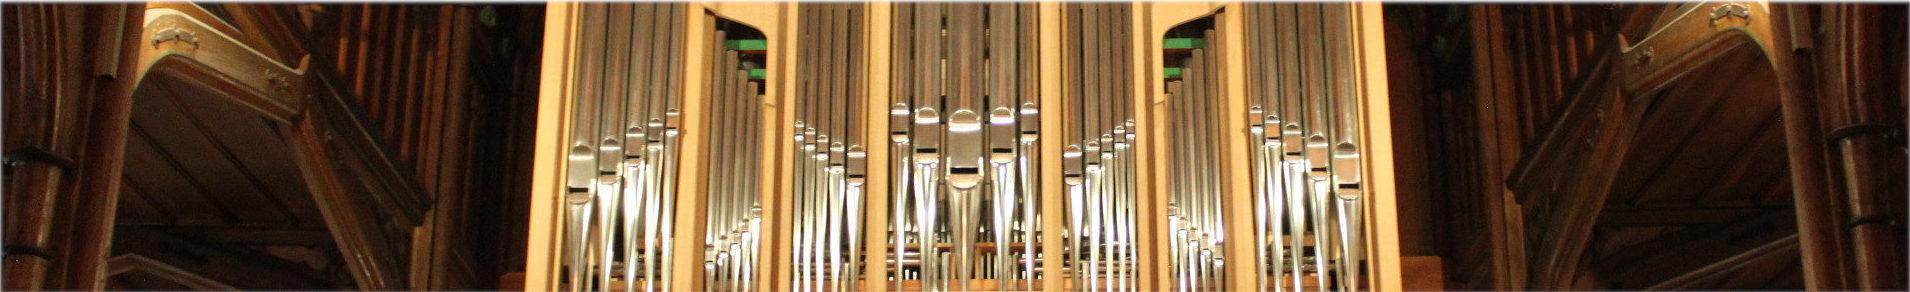 Orgel Kirchengemeinde Trittau - Kirchenmusik